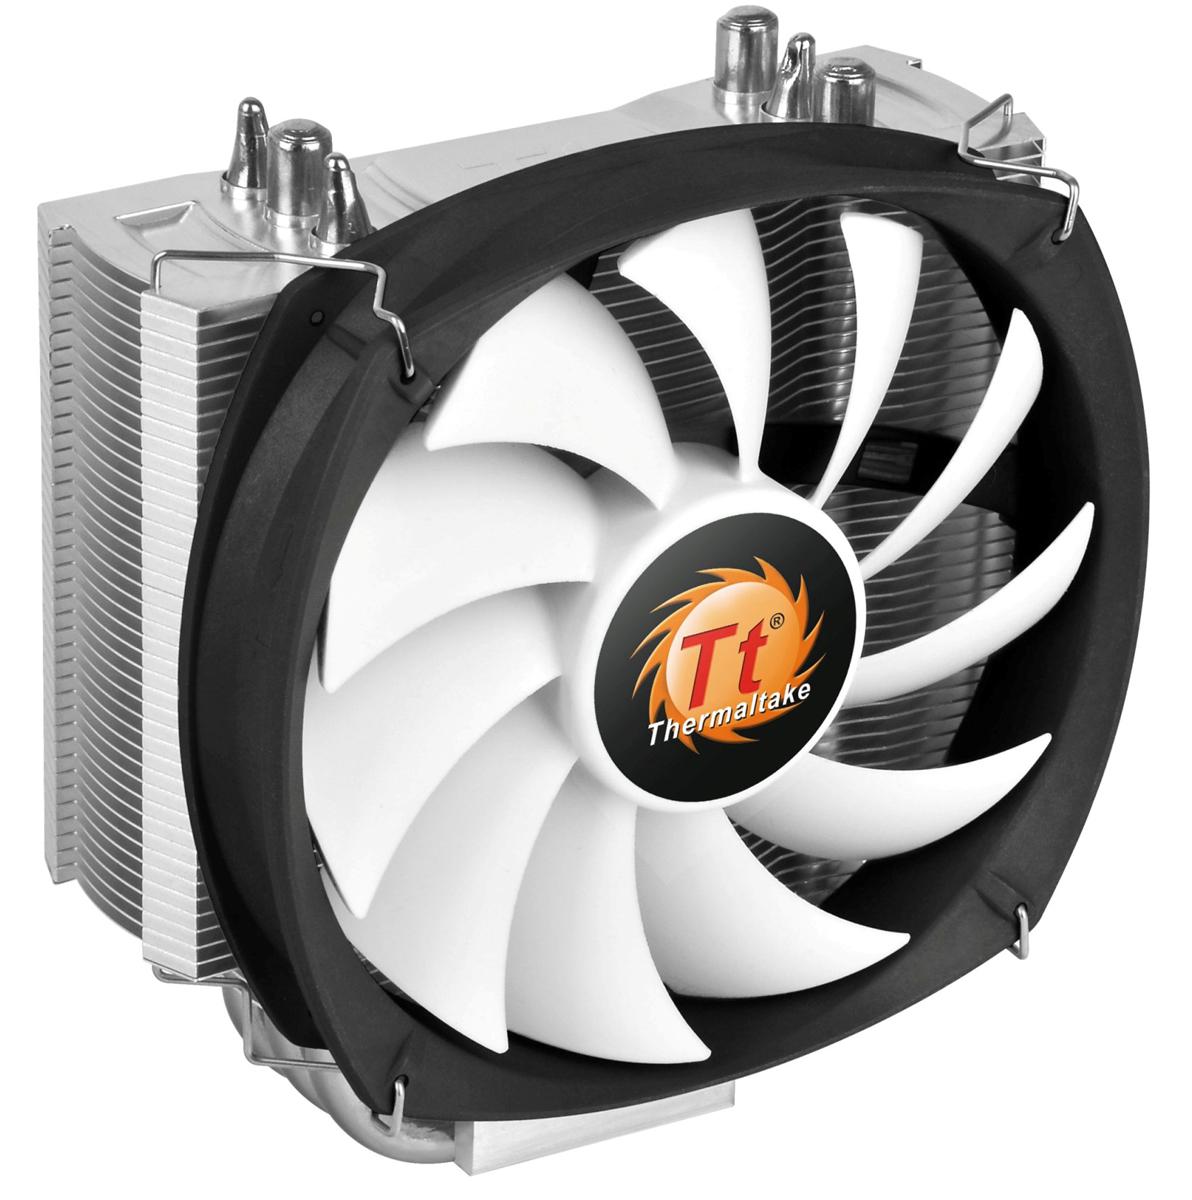 Thermaltake Frio Silent 12 система охлаждения для процессораCL-P001-AL12BL-BFrio Silent 12 -это новинка от Thermaltake из серии кулеров Frio Silent. Новинка унаследовала башенный дизайн с узкими пластинами радиатора. Это позволяет добиться большего пространства вокруг процессорного разъема для установки высокопроизводительных оверклокерских модулей оперативной памяти. Специально спроектированный 120 мм охлаждающий вентилятор имеет высокую эффективность и низкий уровень шума.Frio Slient 12 решает проблему установки модулей оперативной памяти с высокими радиаторами, помогая при этом еще и улучшить качество их охлаждения.Специальные охлаждающие пластины радиатора толщиной 0,4 мм не только стильно выглядят, но и позволяют быстро отводить тепло.3 медные тепловые трубки диаметром по 8 мм соприкасаются с поверхностью крышки процессора по технологии прямого контакта, что позволяет ускорить процесс охлаждения.Уникальный 120 мм ШИМ вентилятор в низким уровнем шума и высокой эффективностью охлаждения. Скорость вращения крыльчатки достигает 1400 об/мин, а минимальный уровень шума в среднем меньше на 38%, с 19,2 дБ до 12 дБ.Полная совместимость со всеми существующими платформами от Intel(включая Haswell LGA1150) и AMD.Как собрать игровой компьютер. Статья OZON Гид